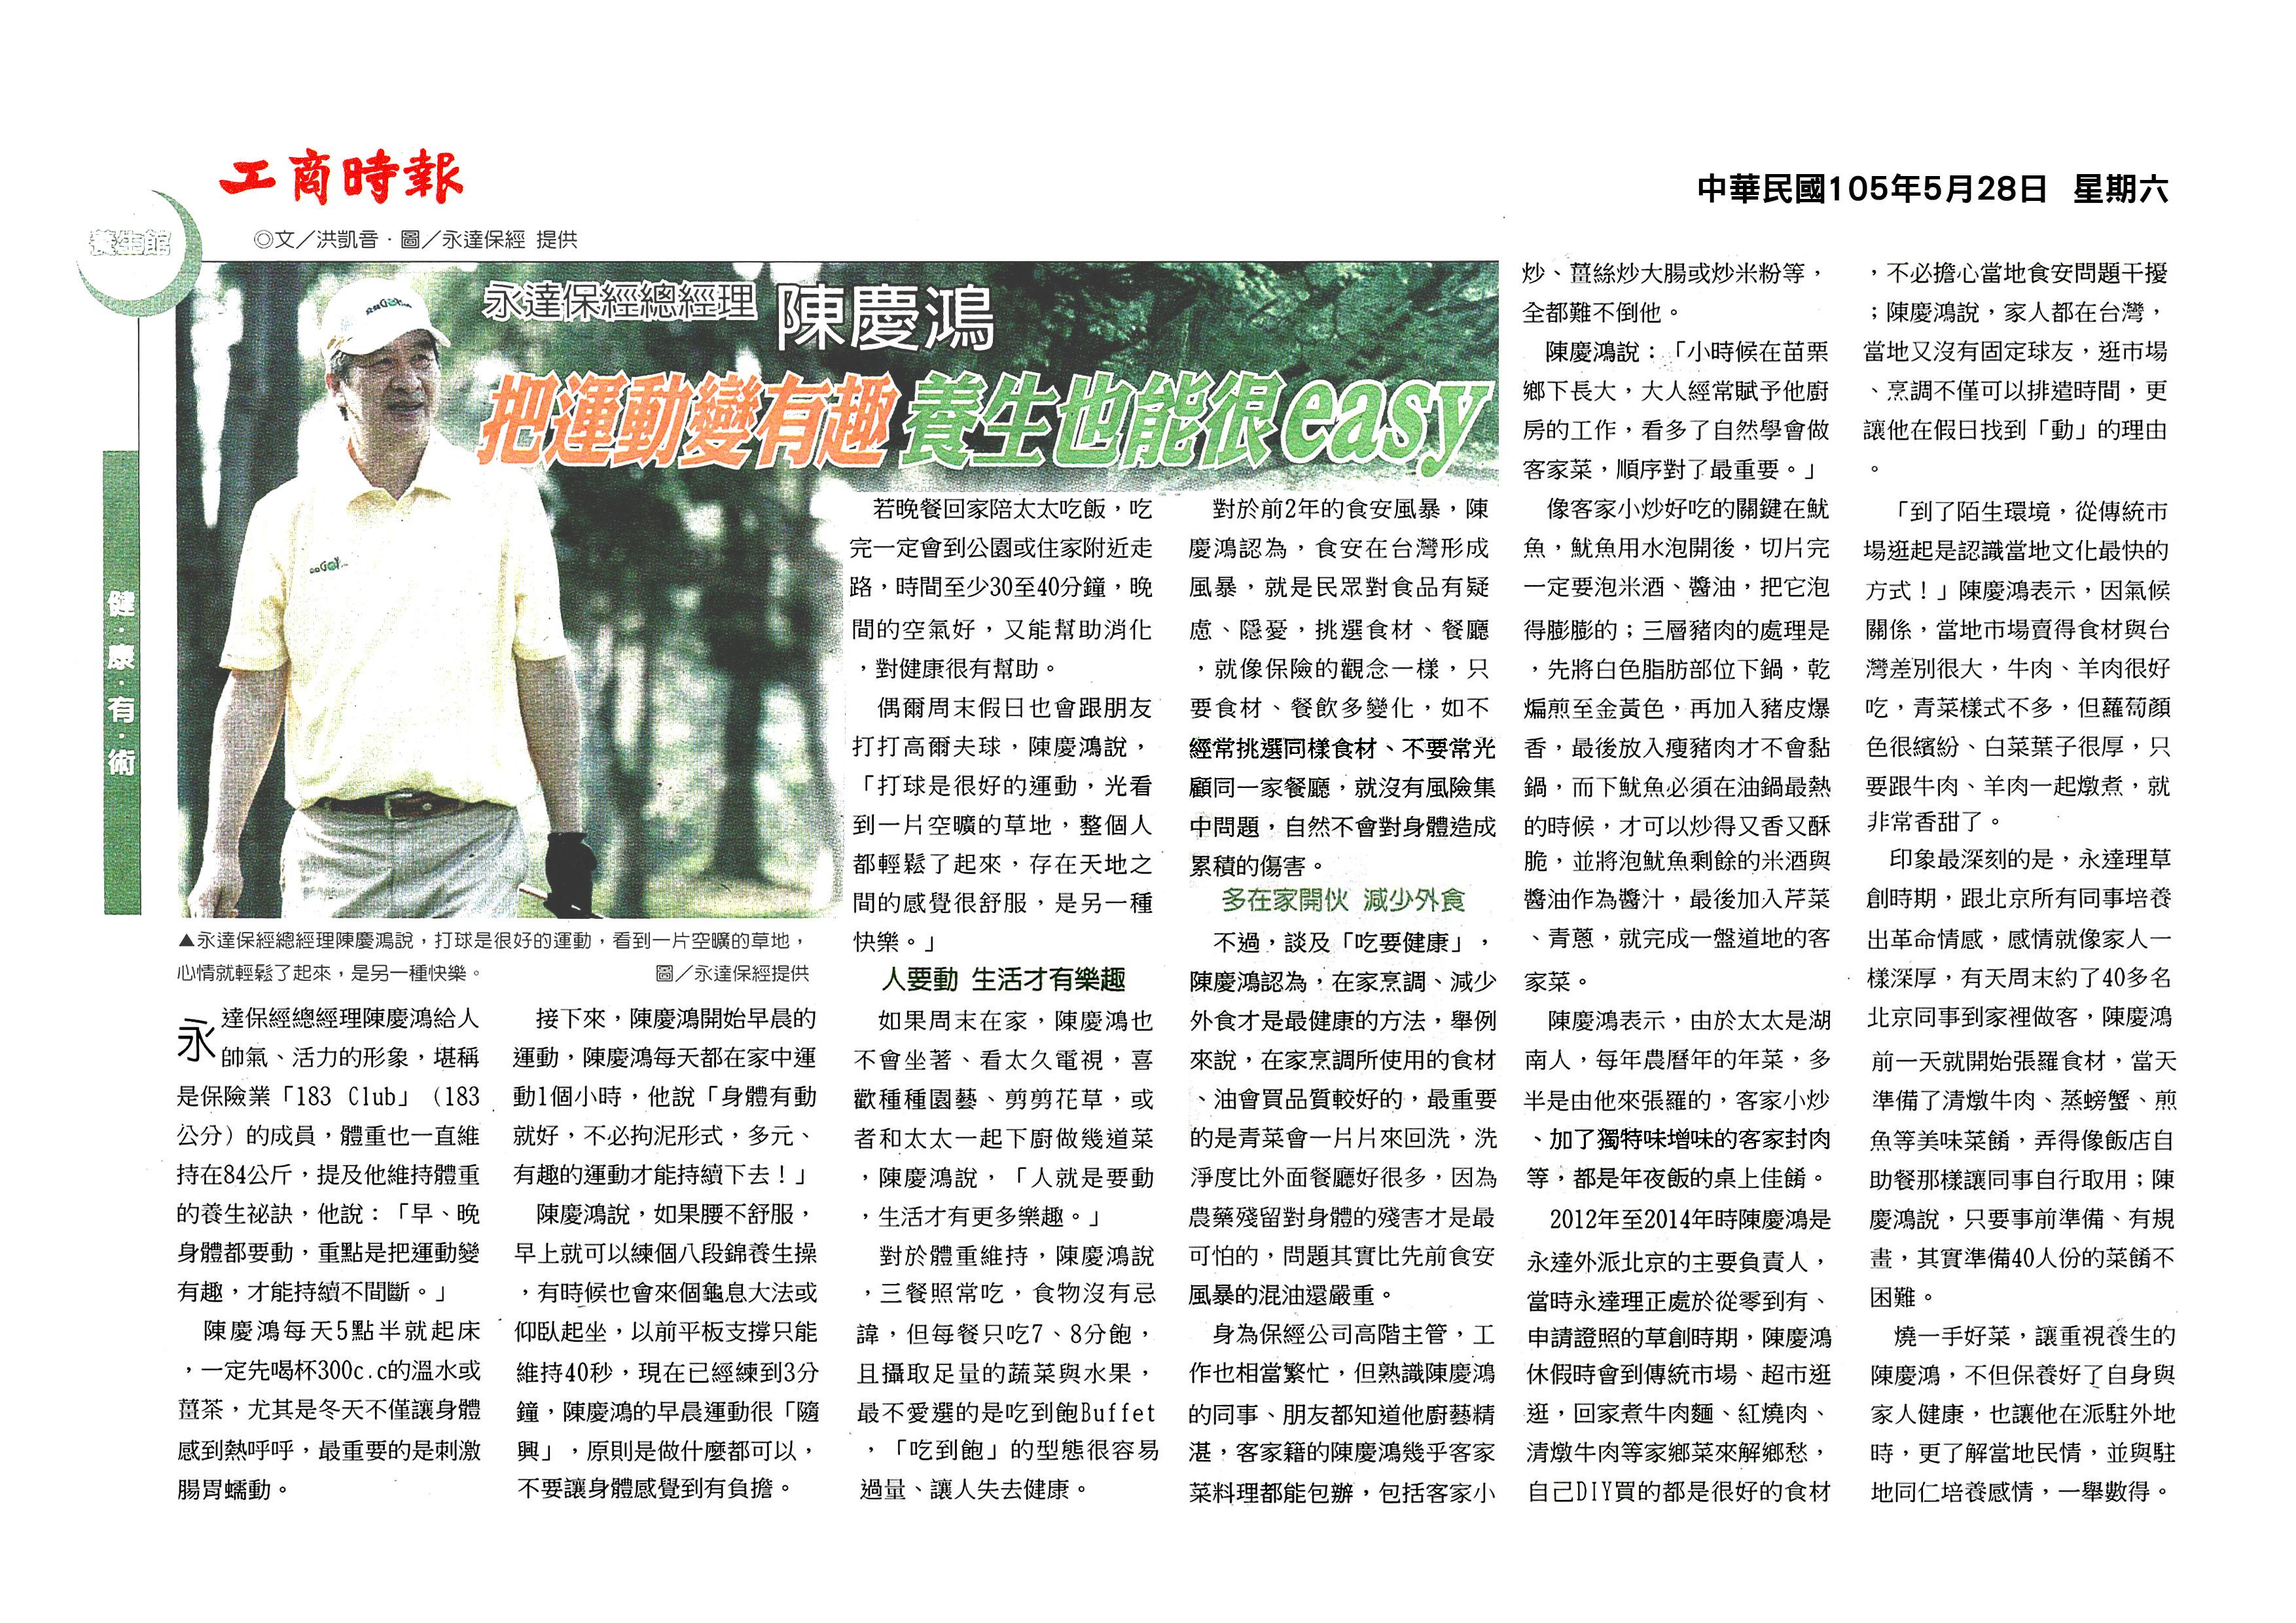 永達保經總經理陳慶鴻 把運動變有趣 養生也能很easy報導圖檔